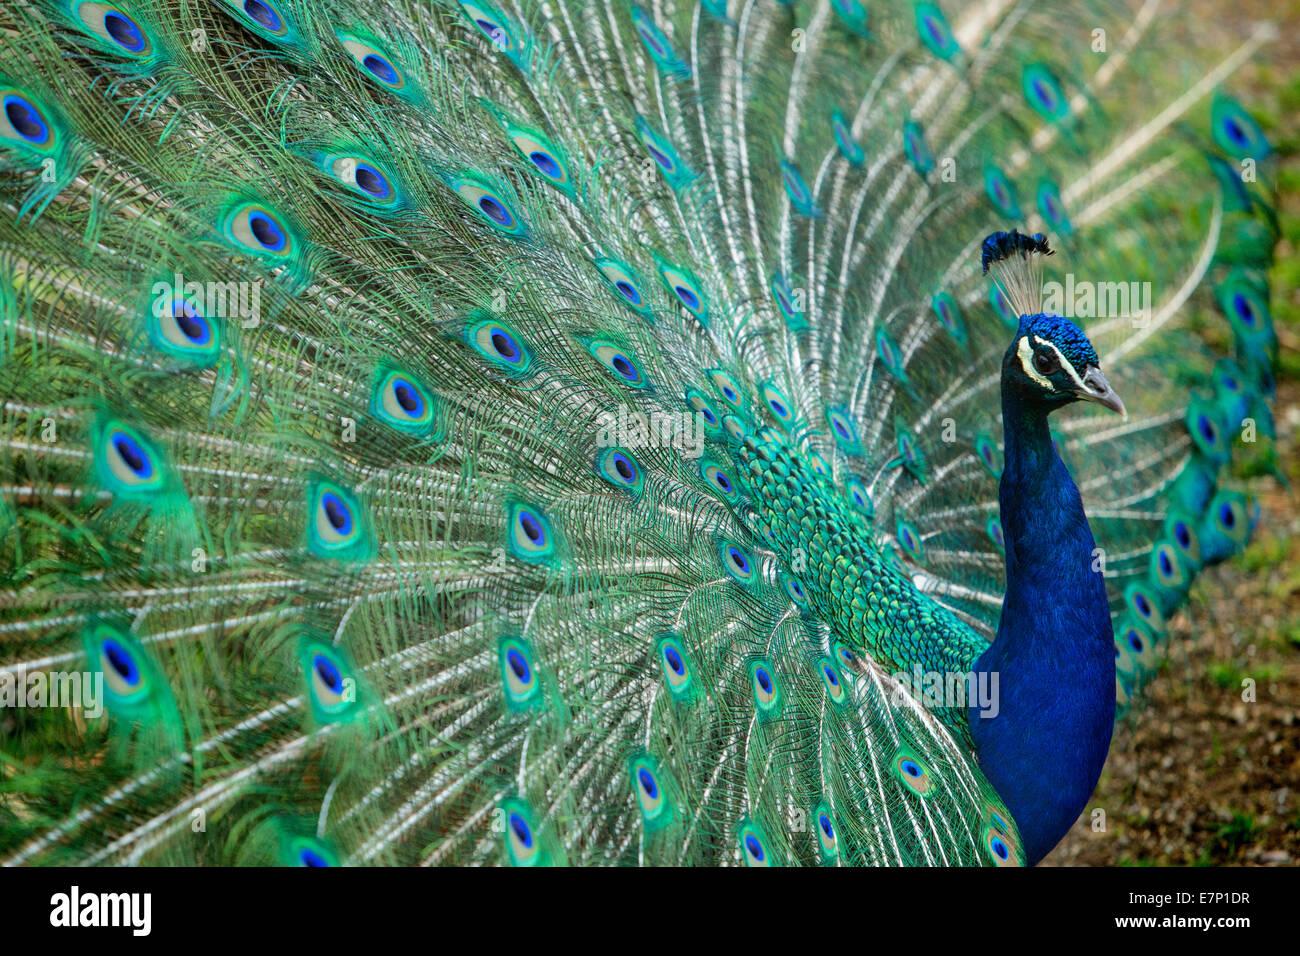 Animales, Peacock, el Zoológico de Zurich, animales, zoo, Zurich, Suiza, Europa Foto de stock